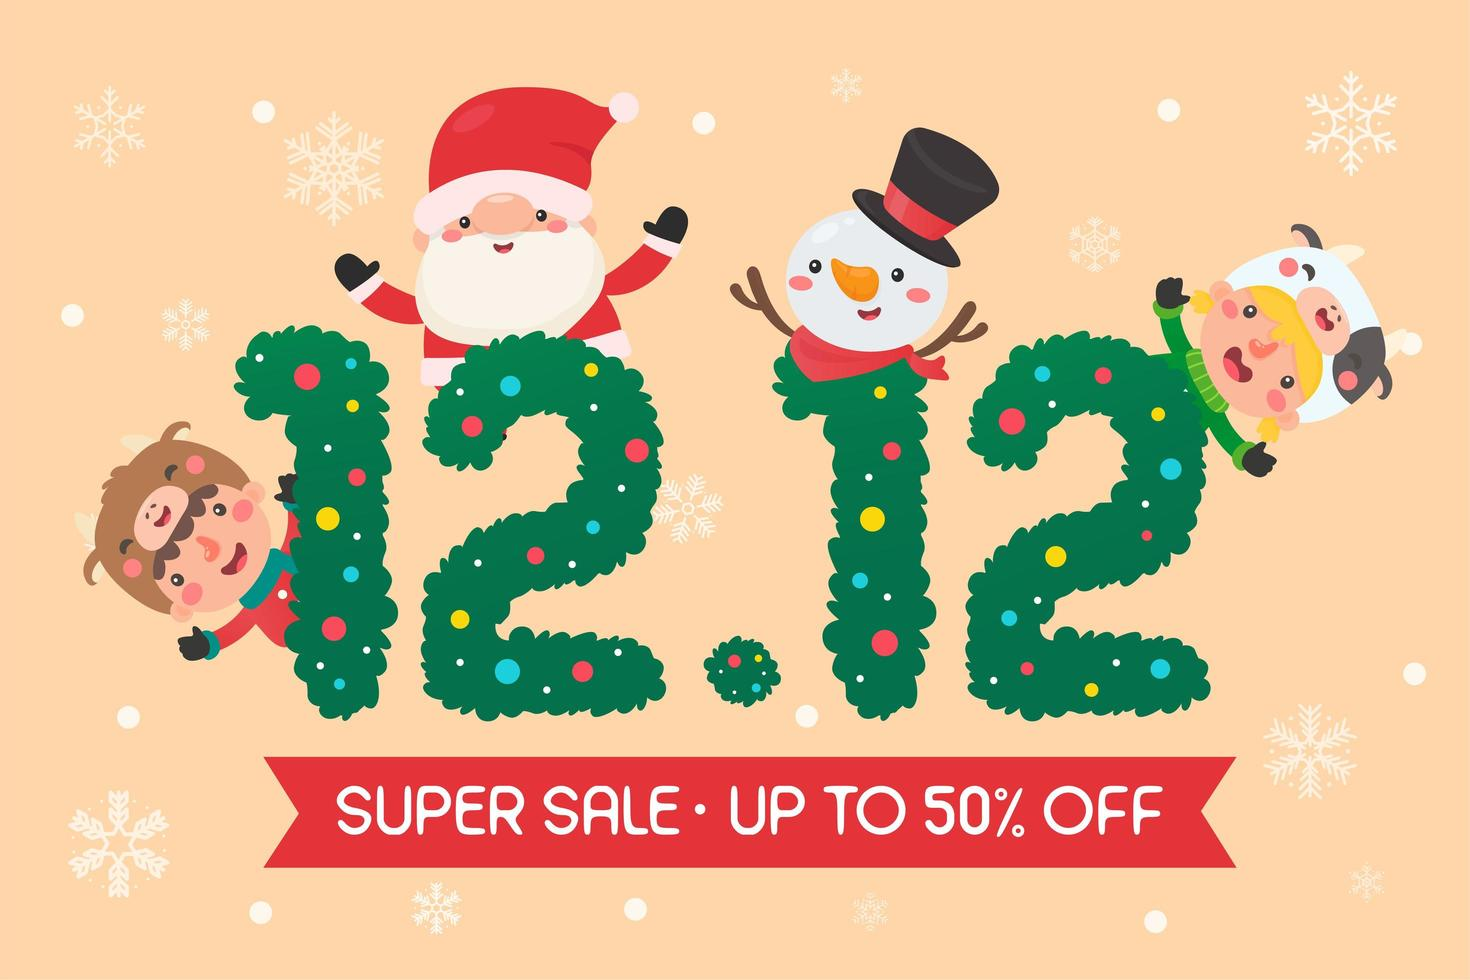 diseño de promoción de venta de navidad 12.12 vector